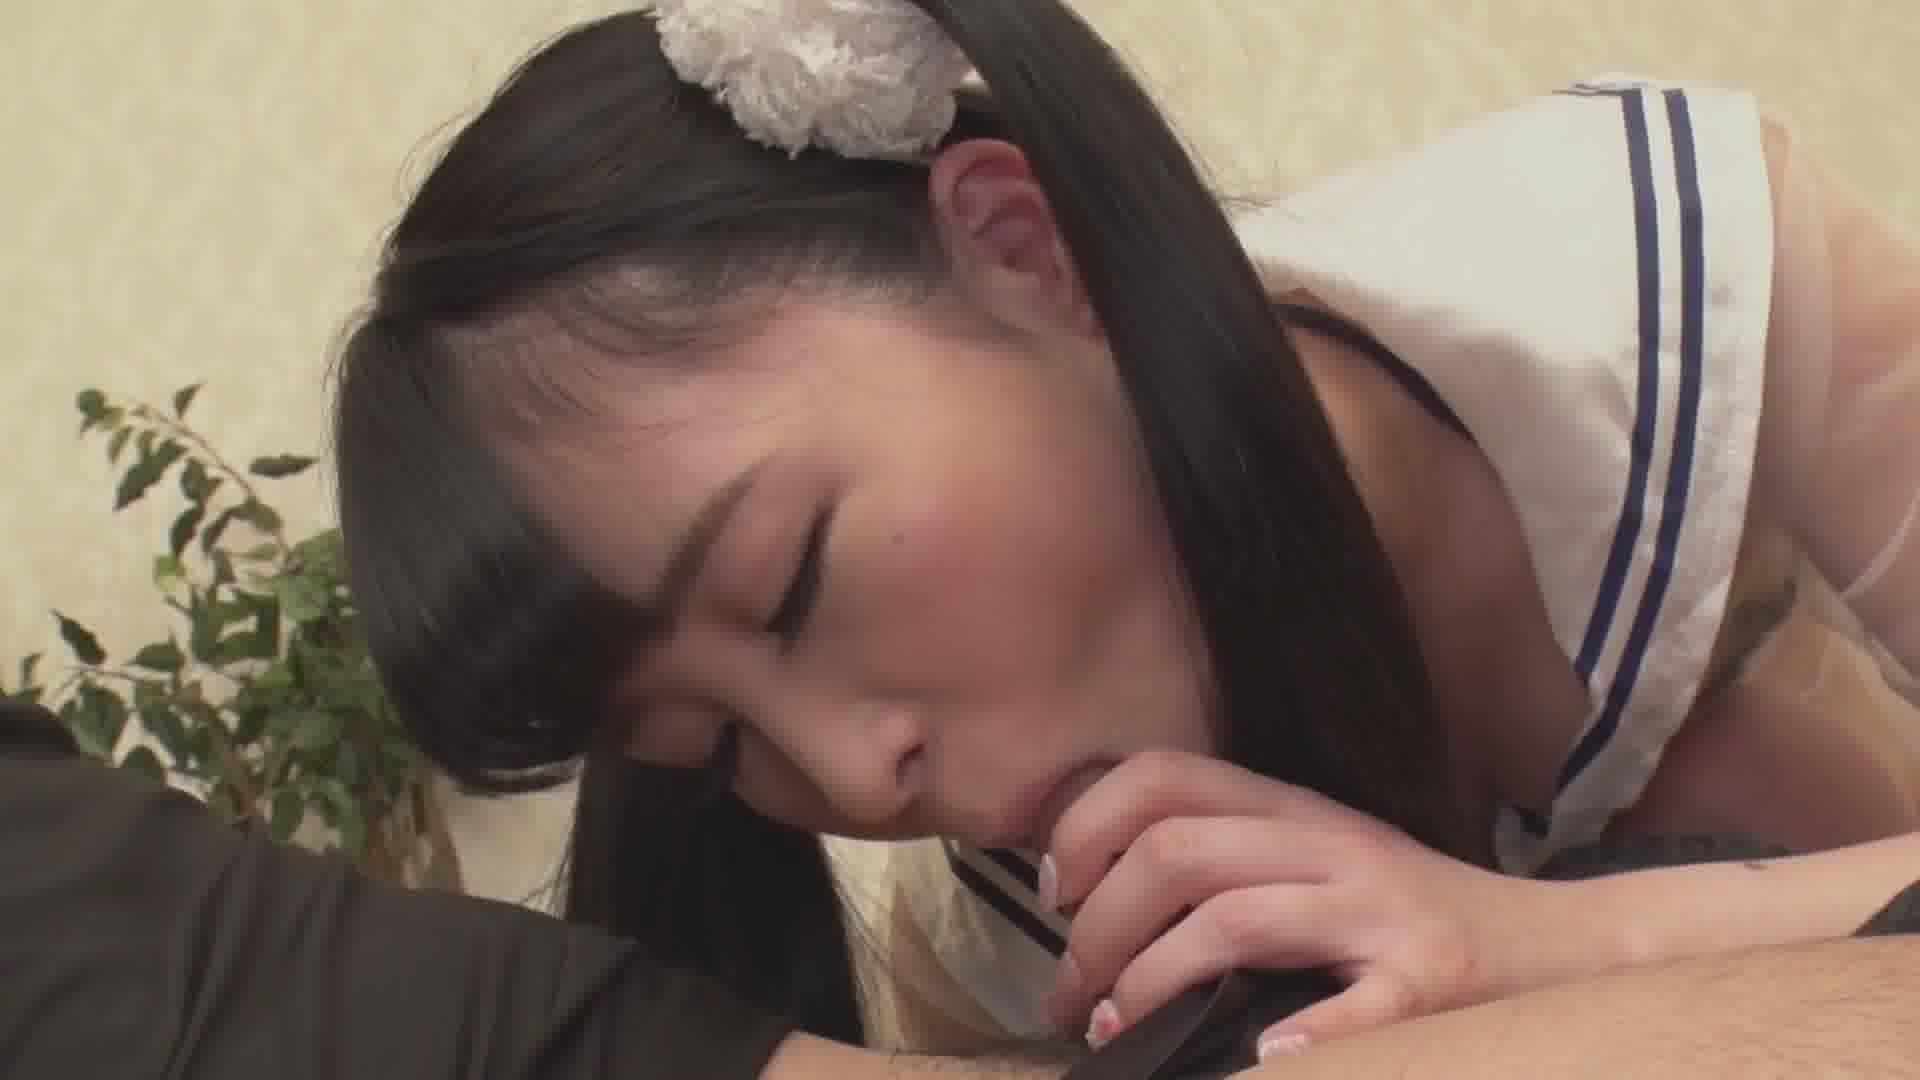 ロリコン専用ソープらんど9 - 日向あん【パイパン・制服・スレンダー】